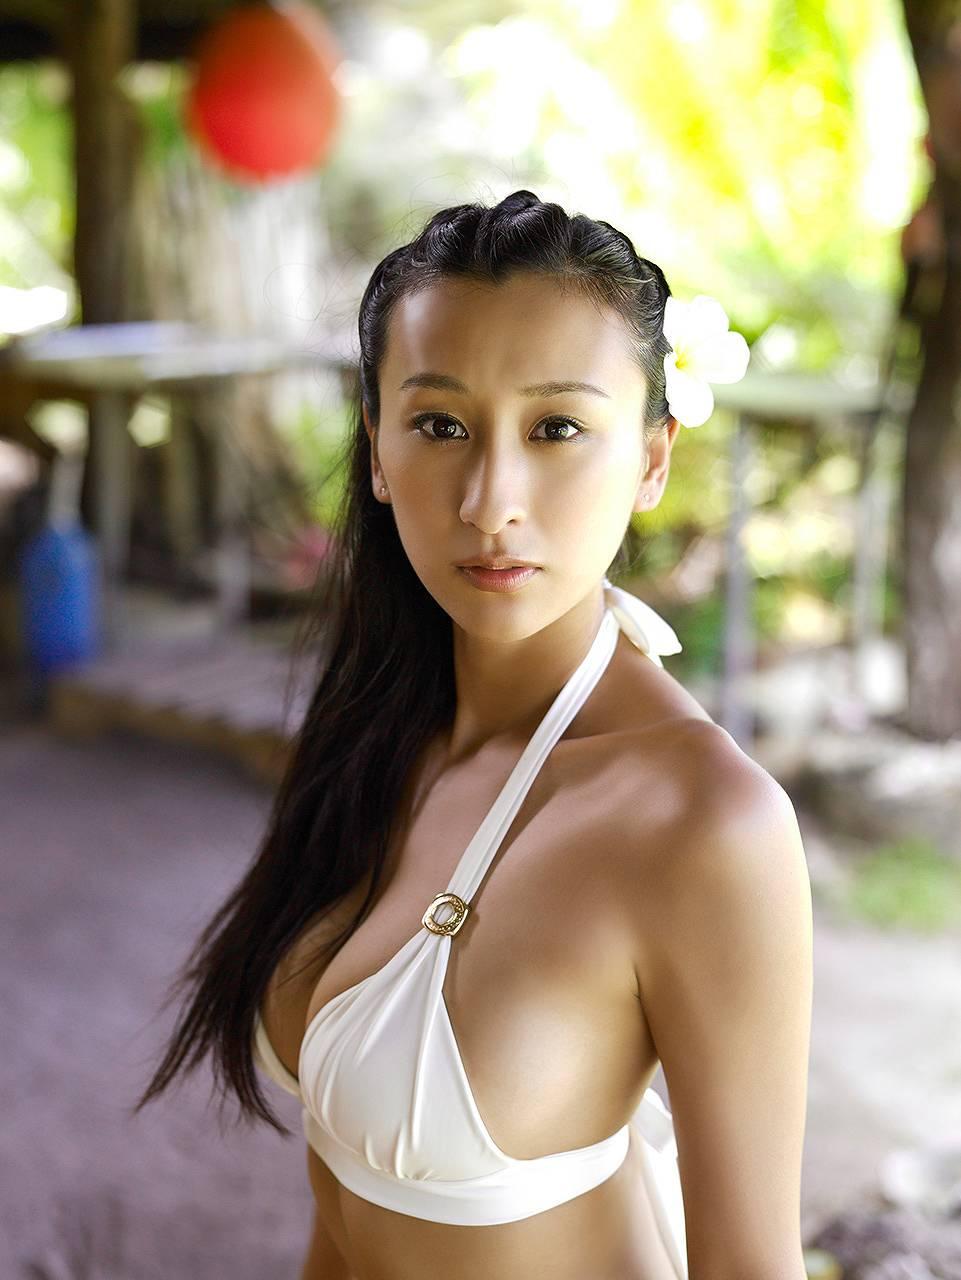 週刊プレイボーイ、浅田舞のビキニグラビア